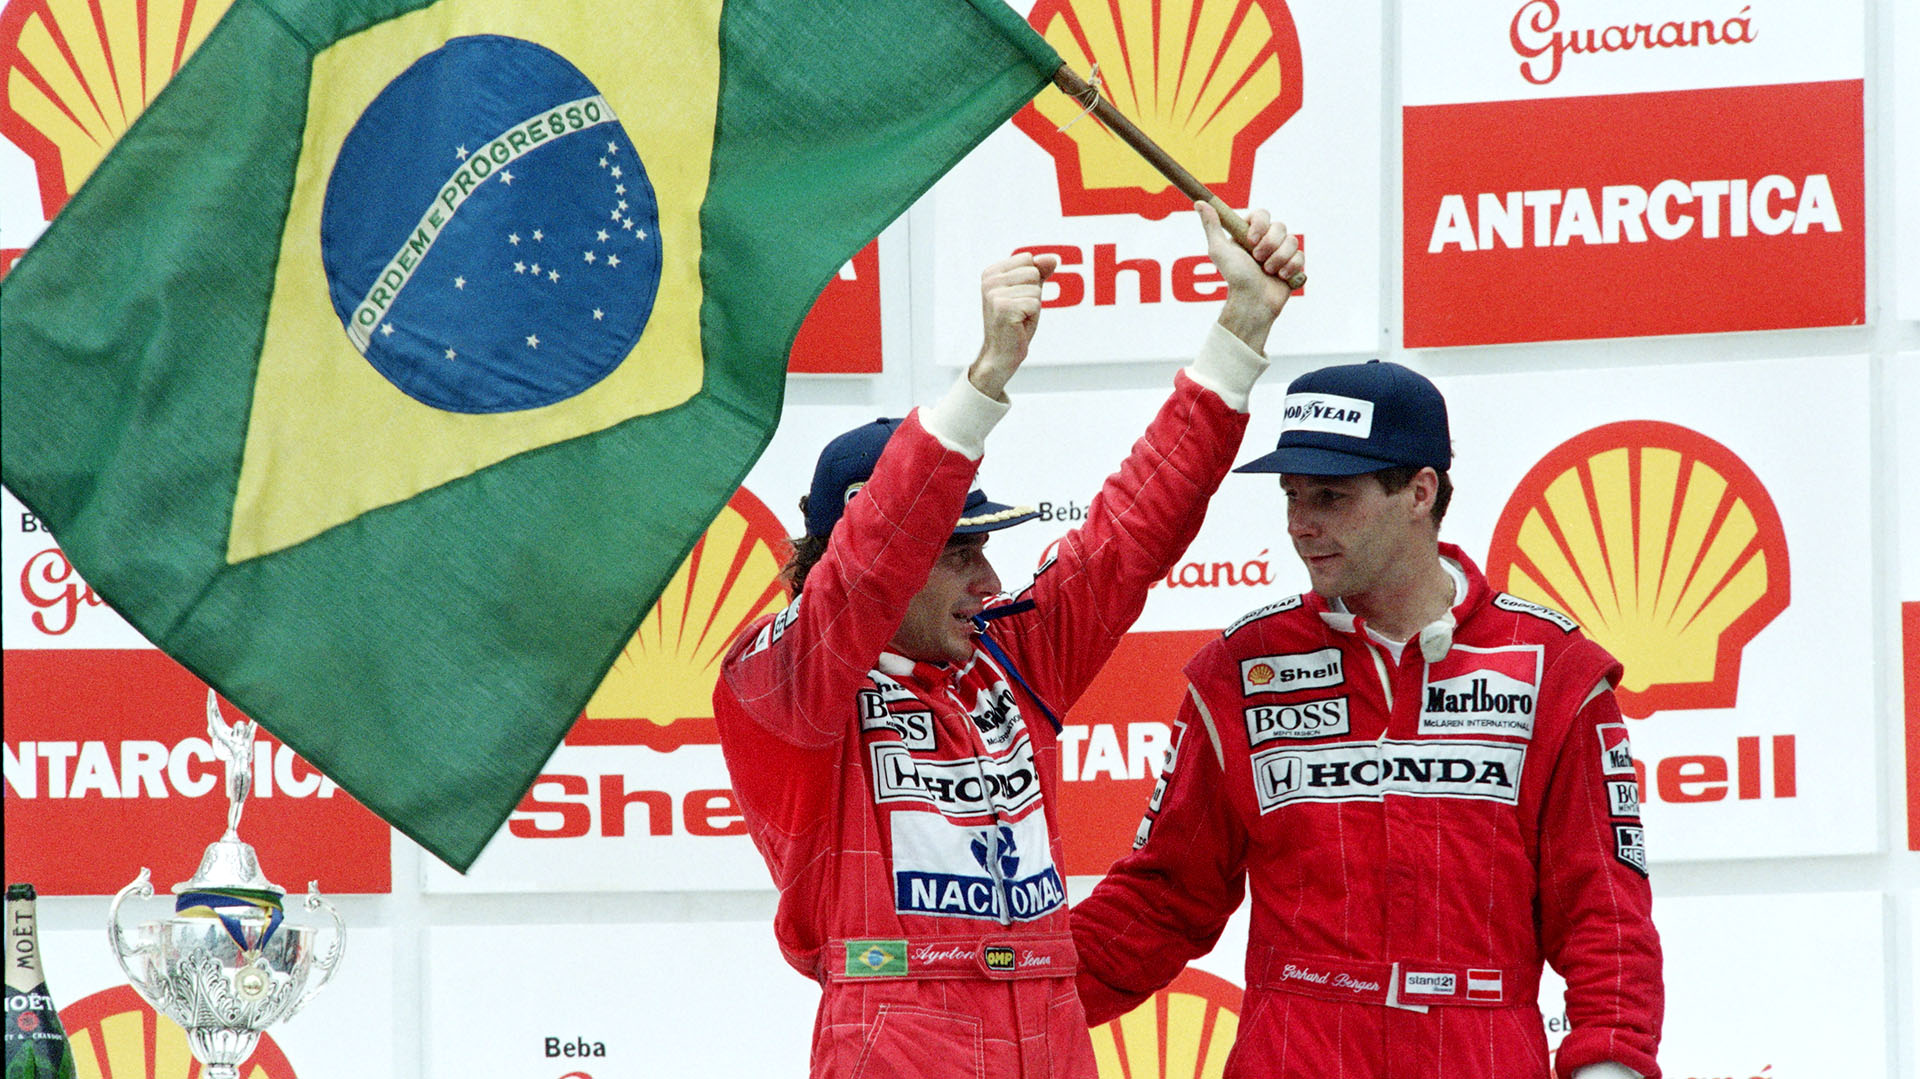 Gran Premio de Brasil, en San Pablo: la victoria fue para Senna, que festejó con la bandera de su país en el podio